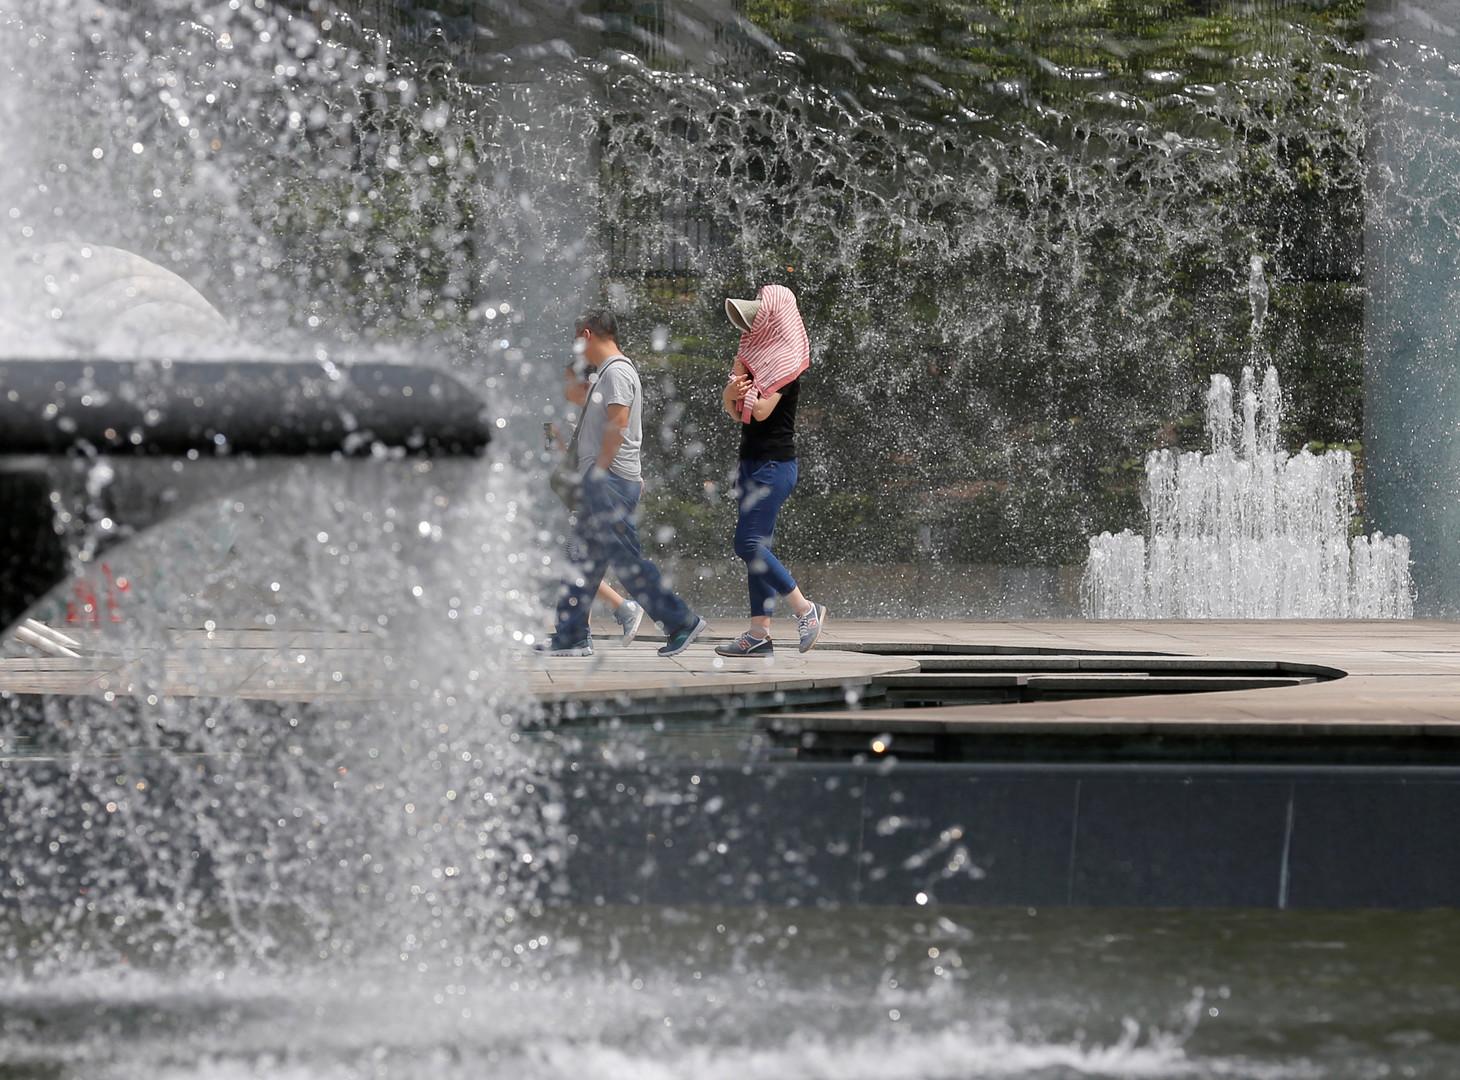 وفاة أكثر من 57 يابانيا جراء موجات الحر خلال أسبوع واحد